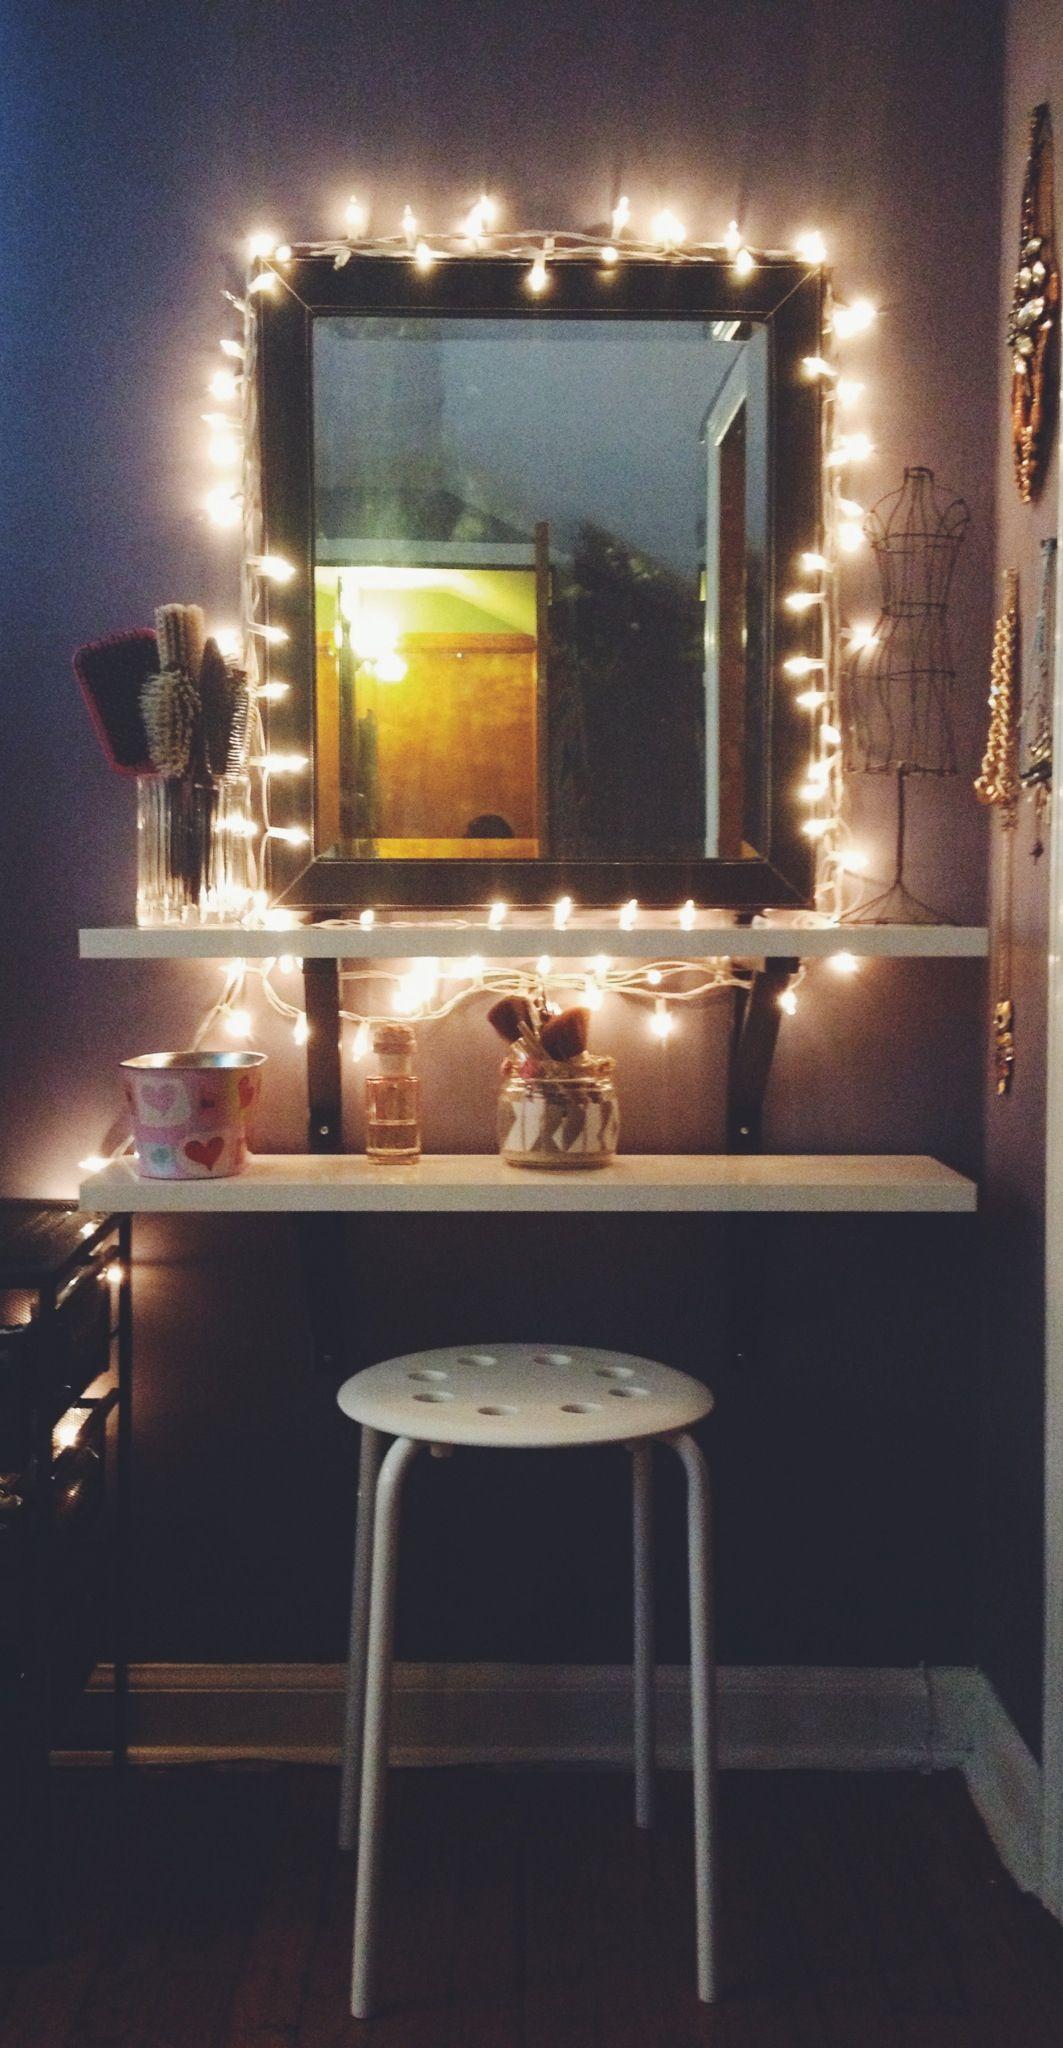 Diy Ikea Hack Vanity Put Shelves On Wall Beside Mirror Diy